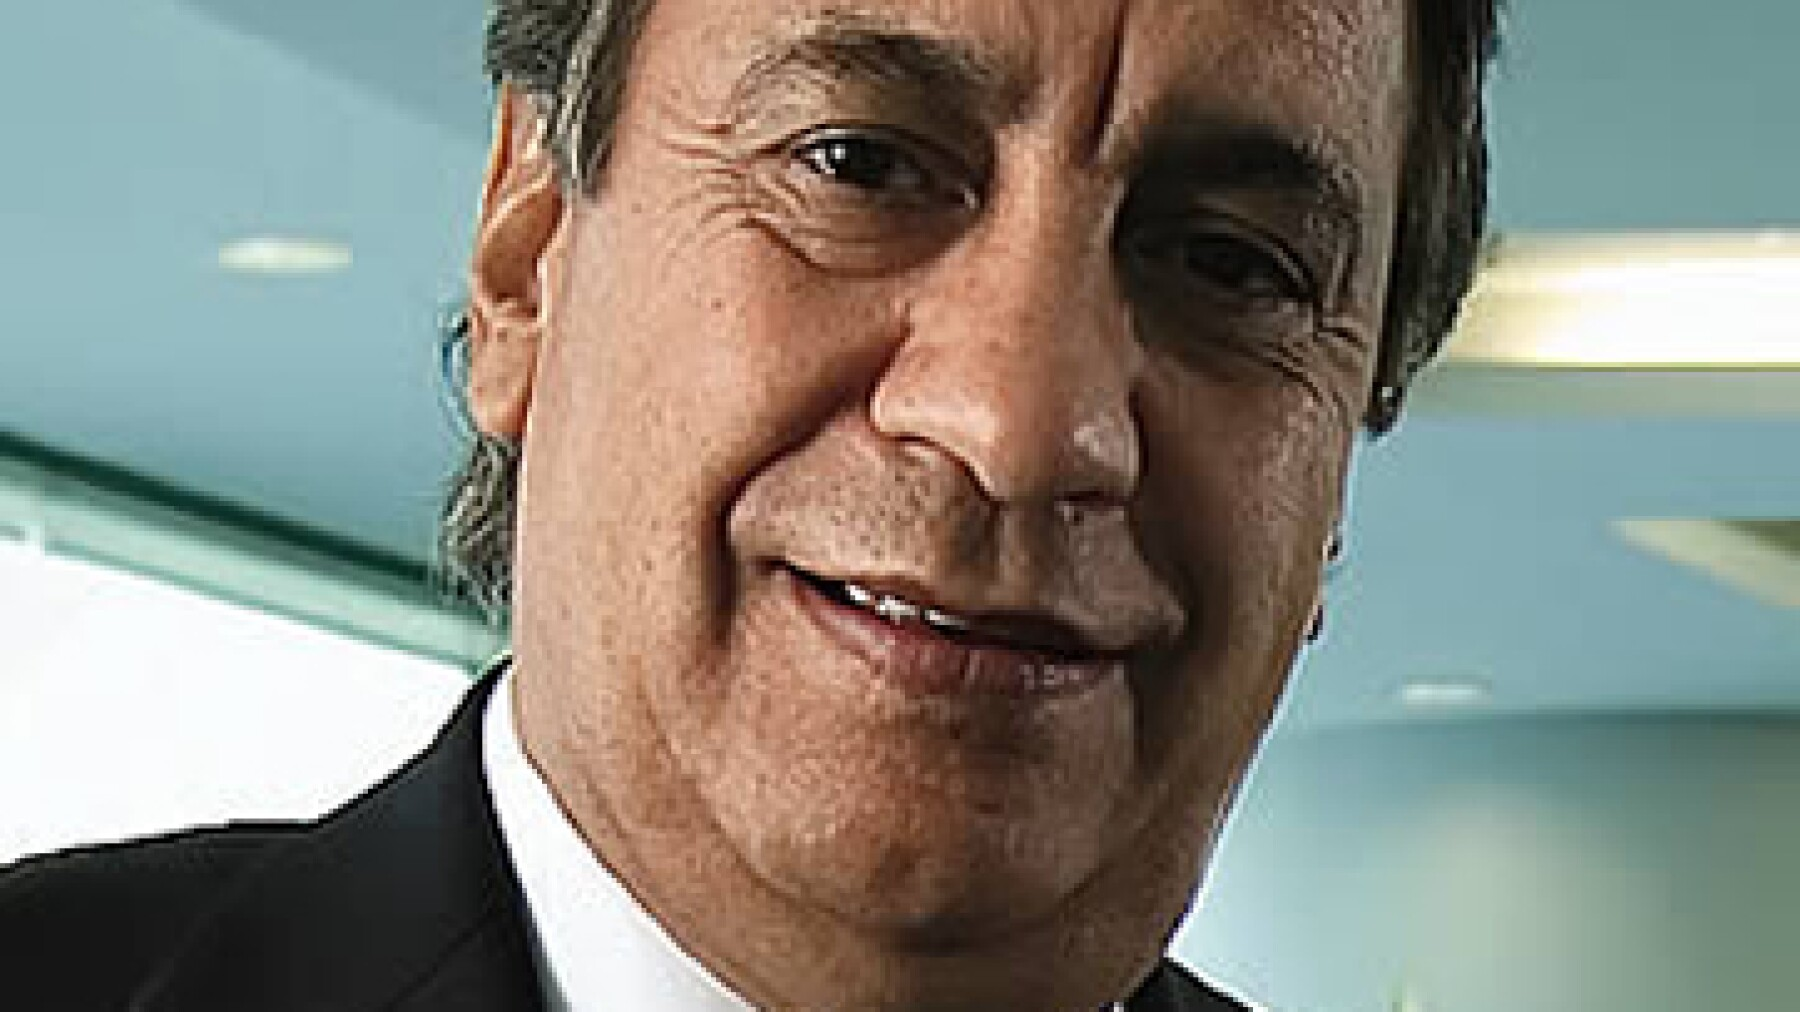 La nueva apuesta de Miguel Rincón está en el subsegmento de empaques. (Foto: Archivo)